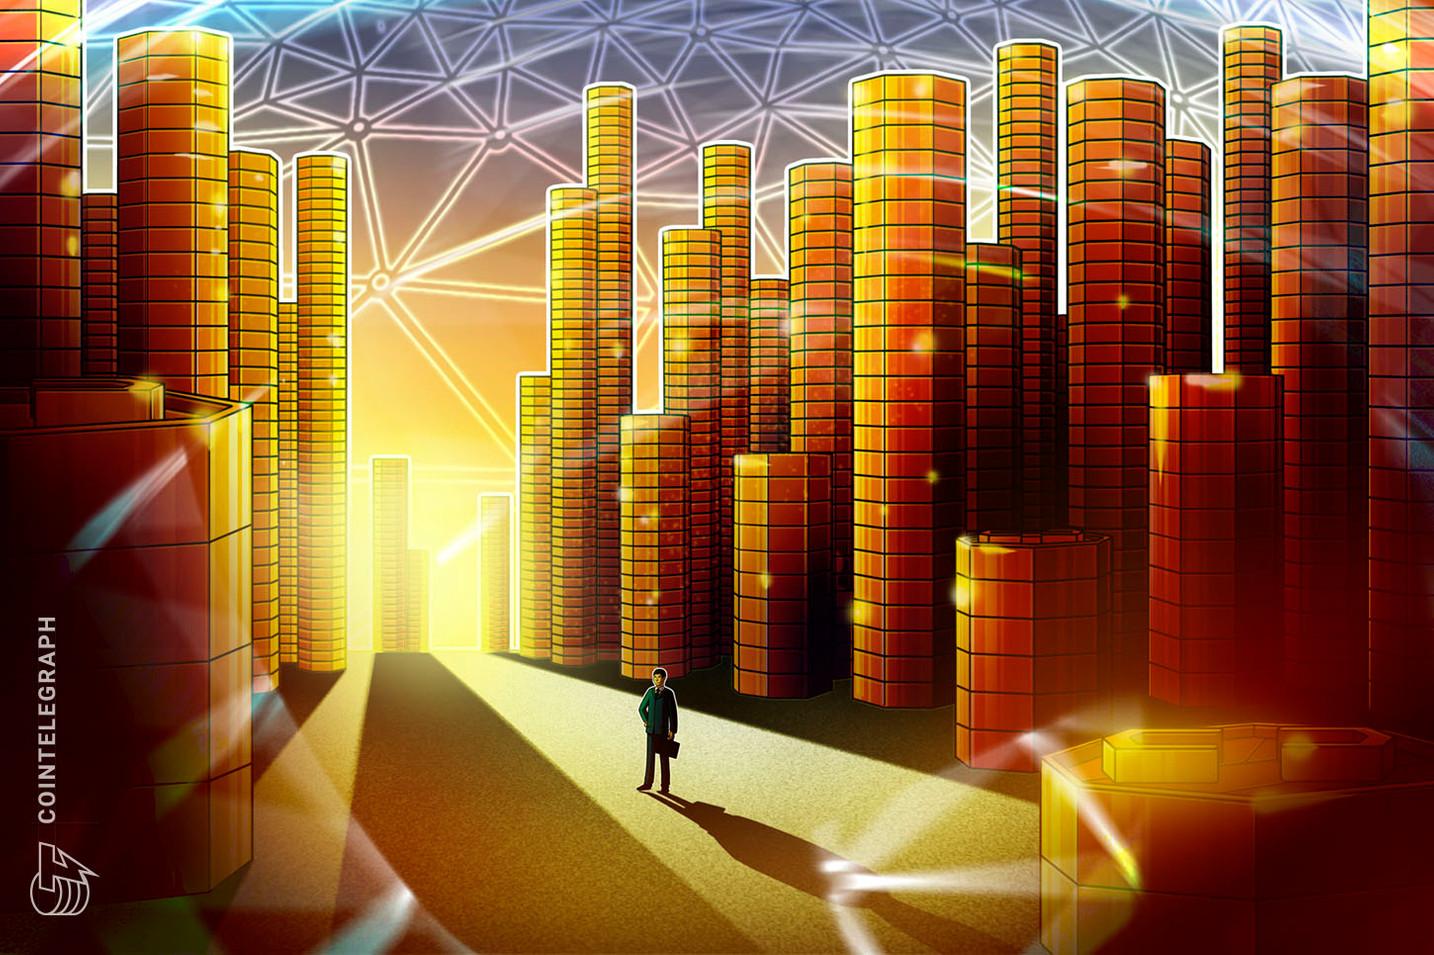 Una inmobiliaria de Miami acepta depósitos en criptomonedas para condominios tras una conferencia